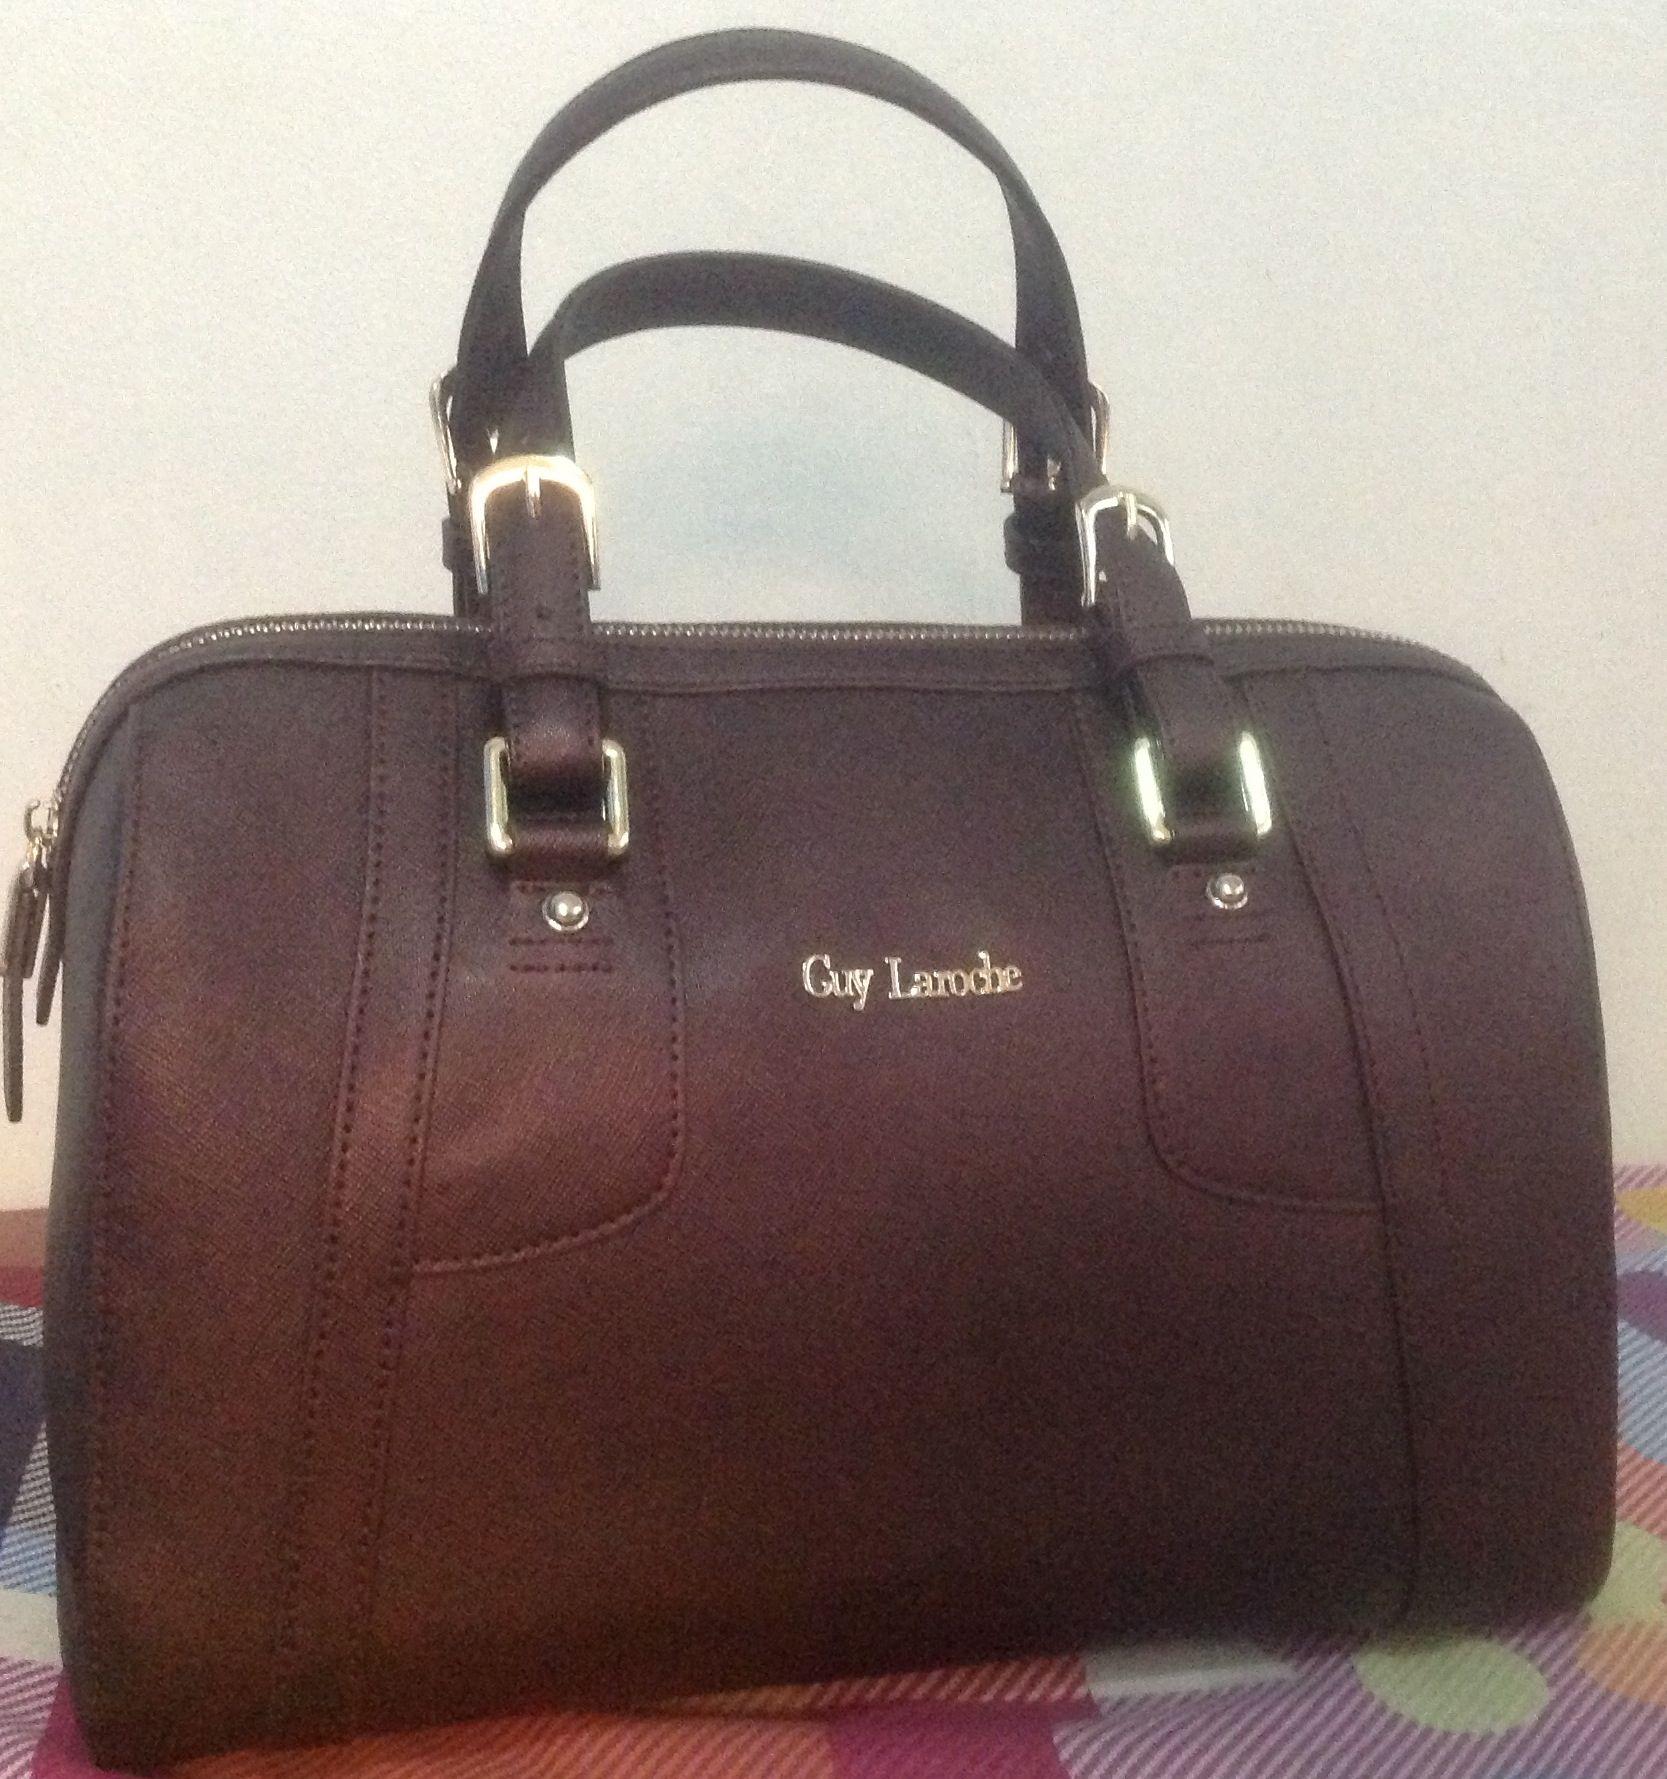 Guy Laroche Saffiano Leather High Fashion Fragrance Haute Couture